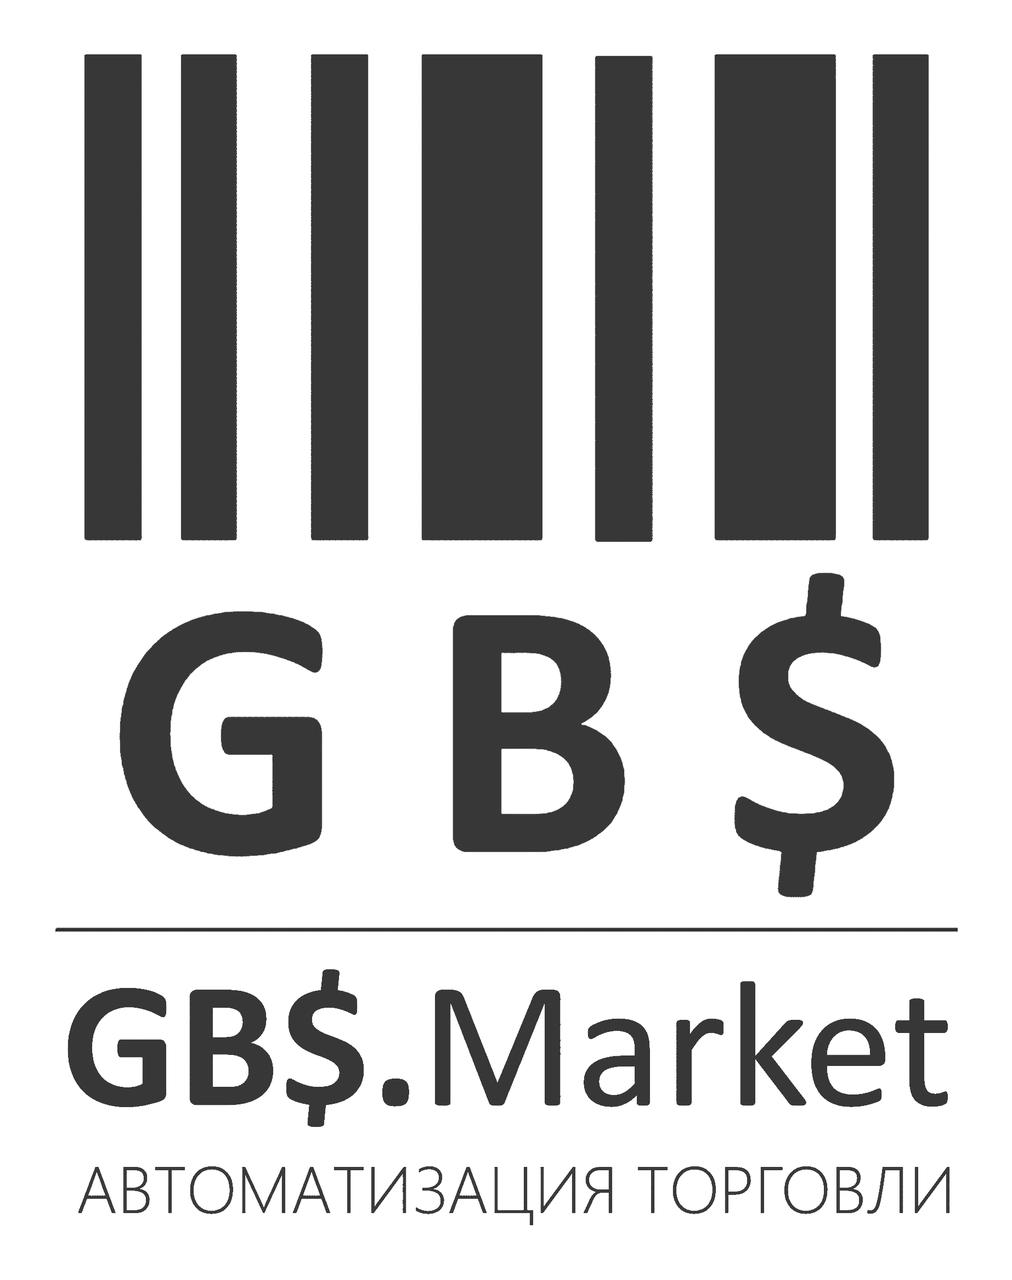 Автоматизация магазина GBS.Market